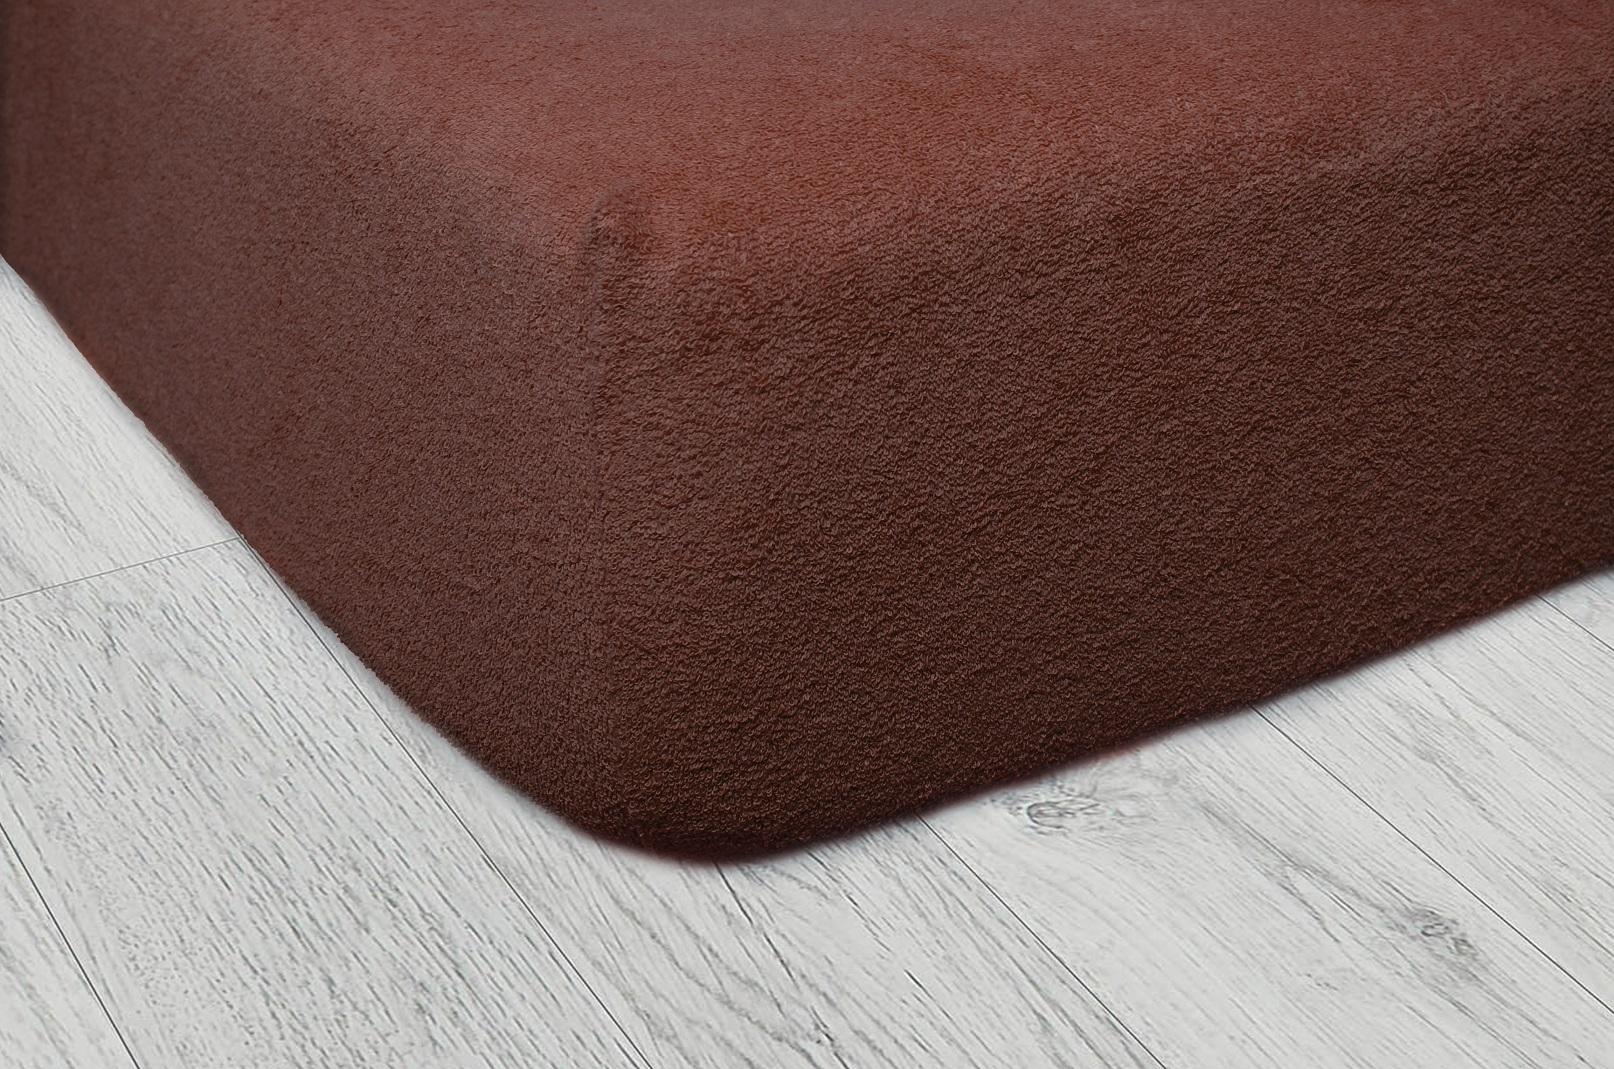 Plachty frote - Čokoládová